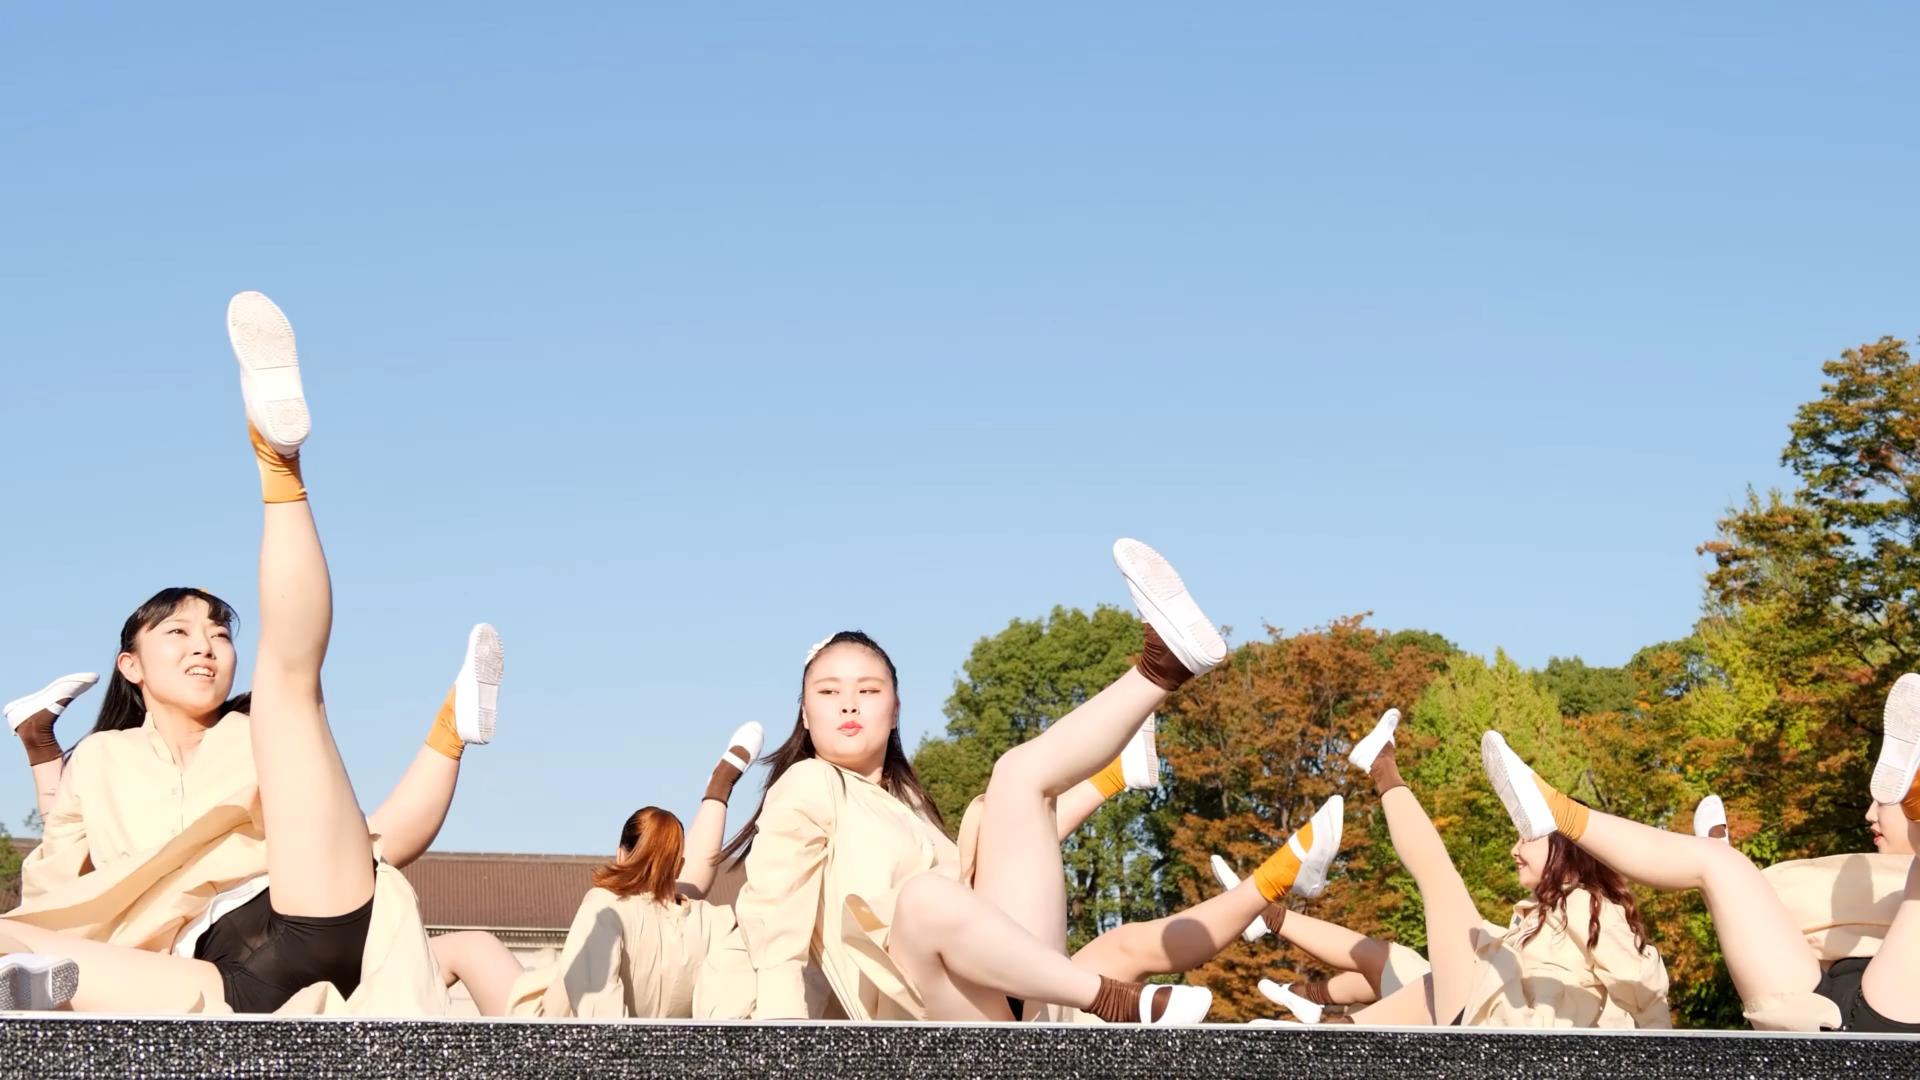 東京スクールオブミュージック&ダンス専門学校/あかりパーク2019 (1部) ① [4k60p] 01:36